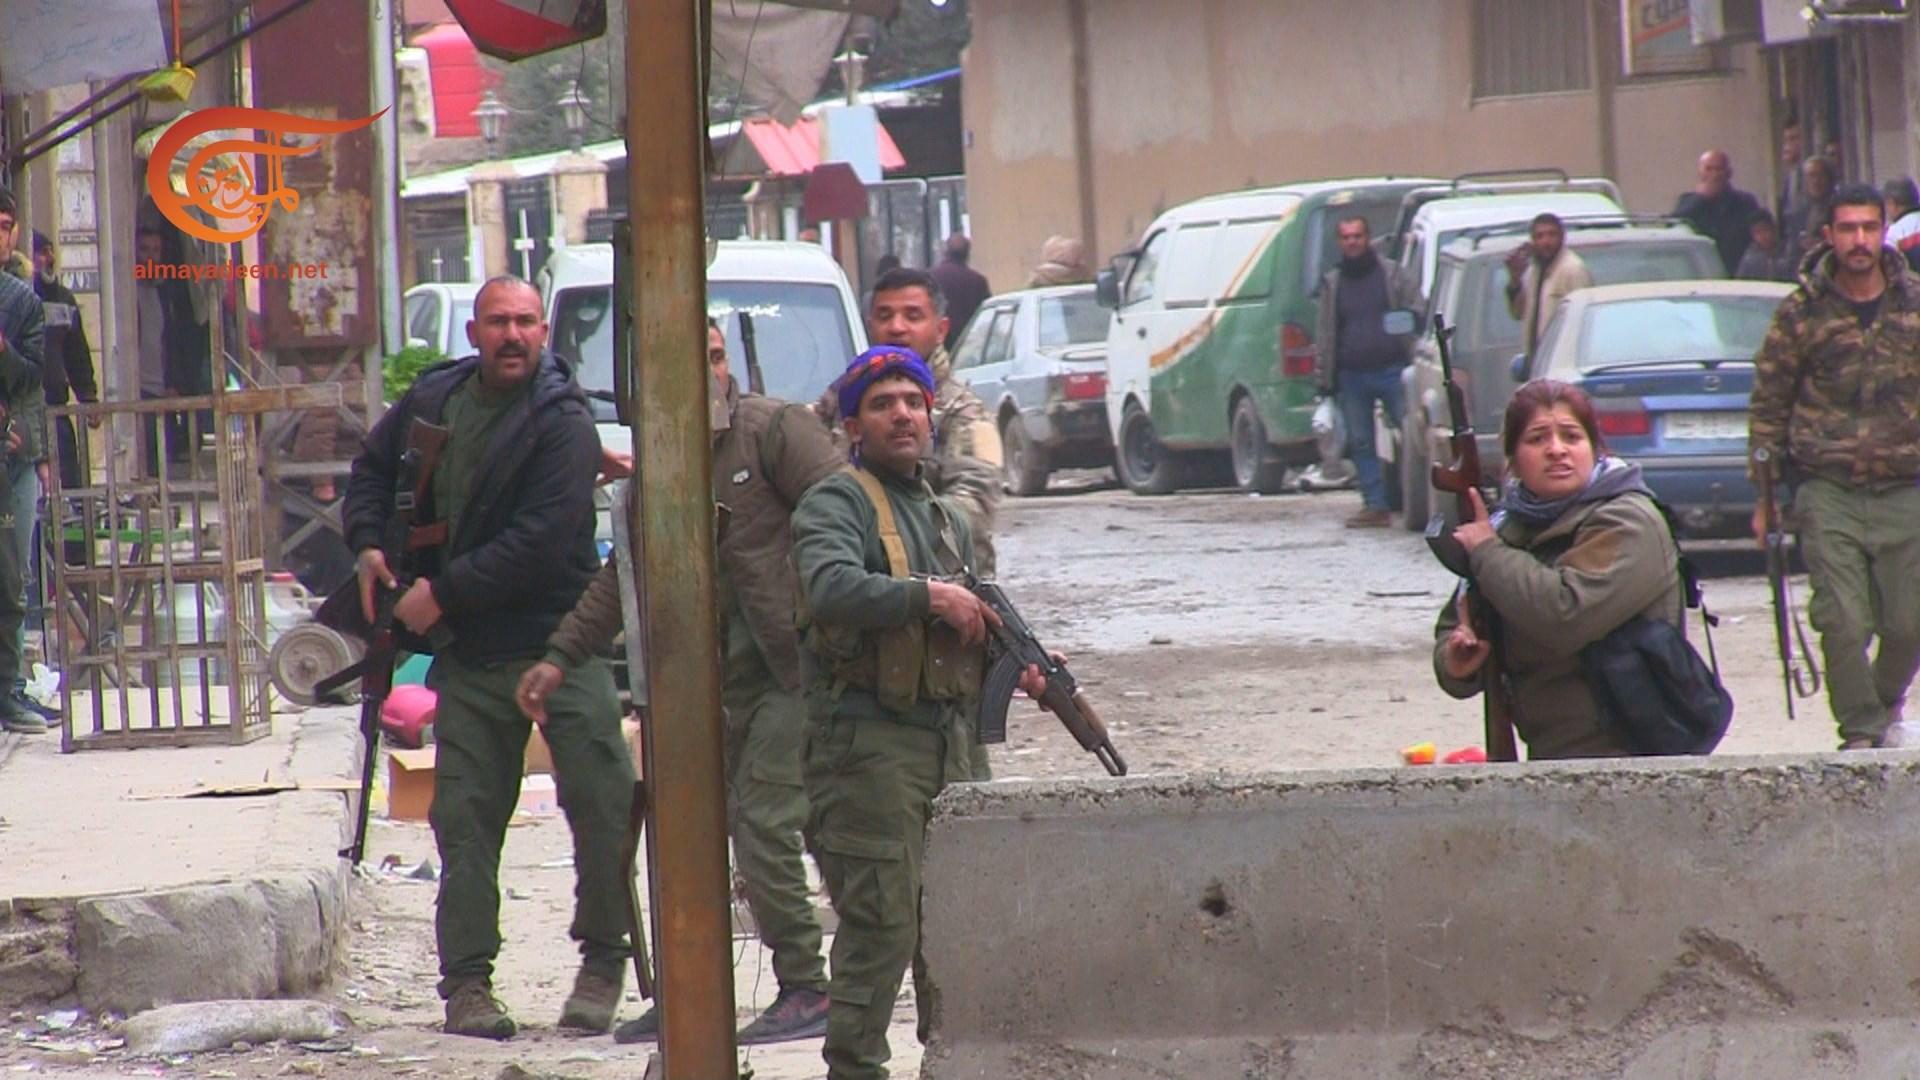 صور تظهر مسلحي قسد يطلقون النار على المتظاهرين